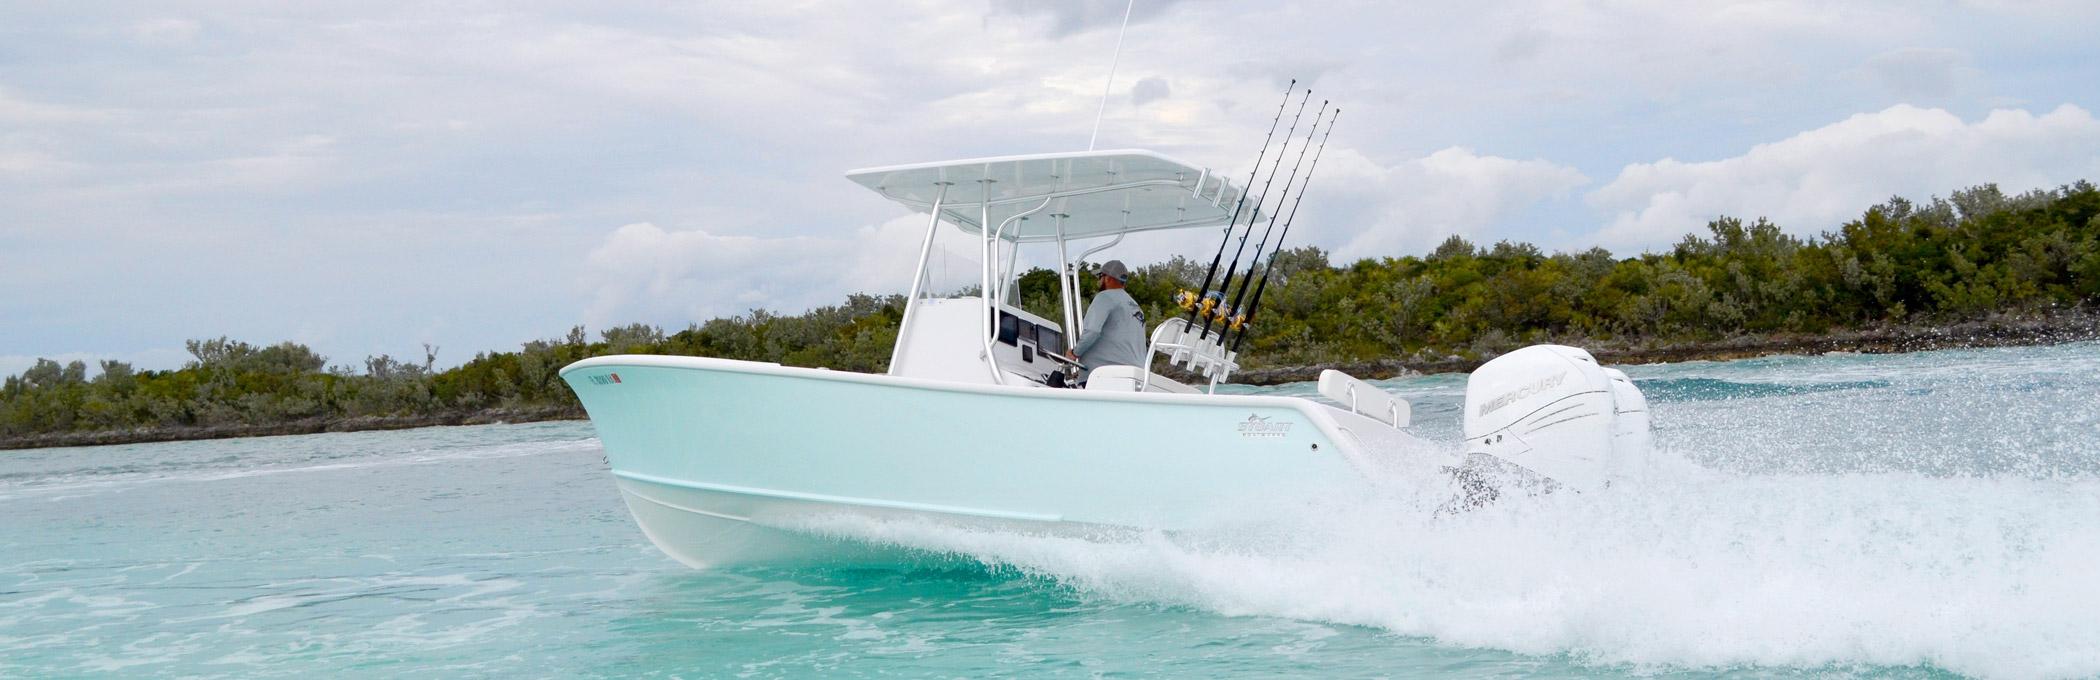 Stuart Boatworks - Custom Boats